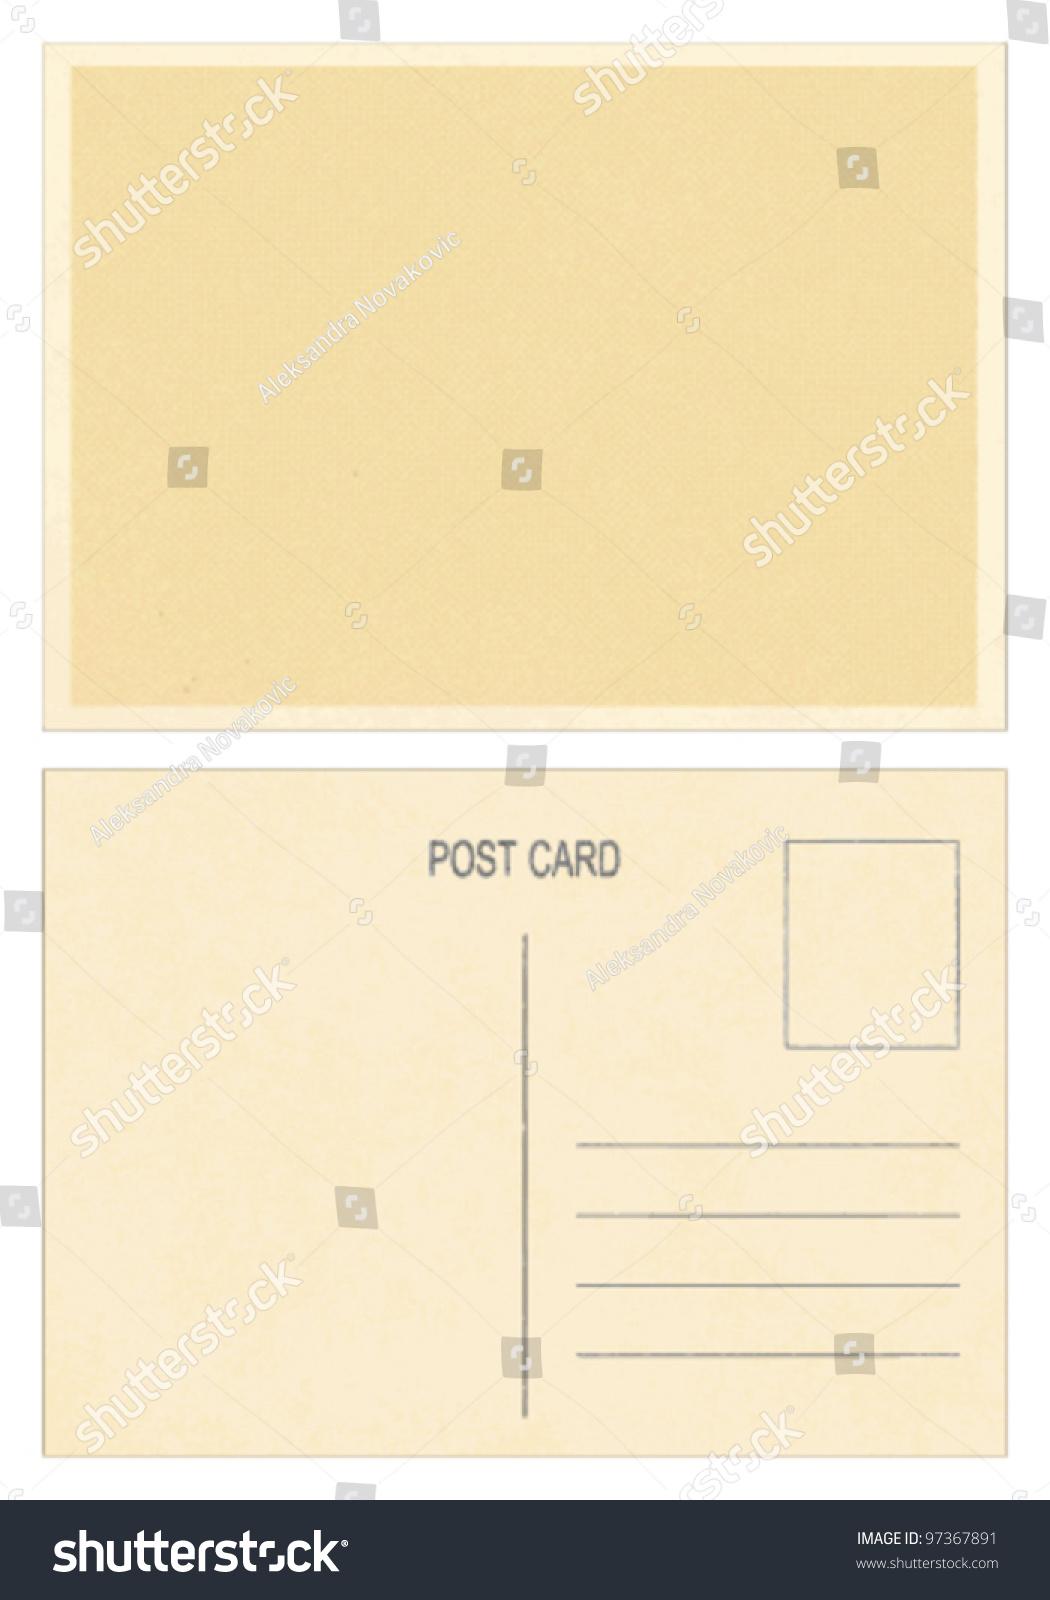 空白明信片正面和背面空白的明信片.-背景/素材,复古